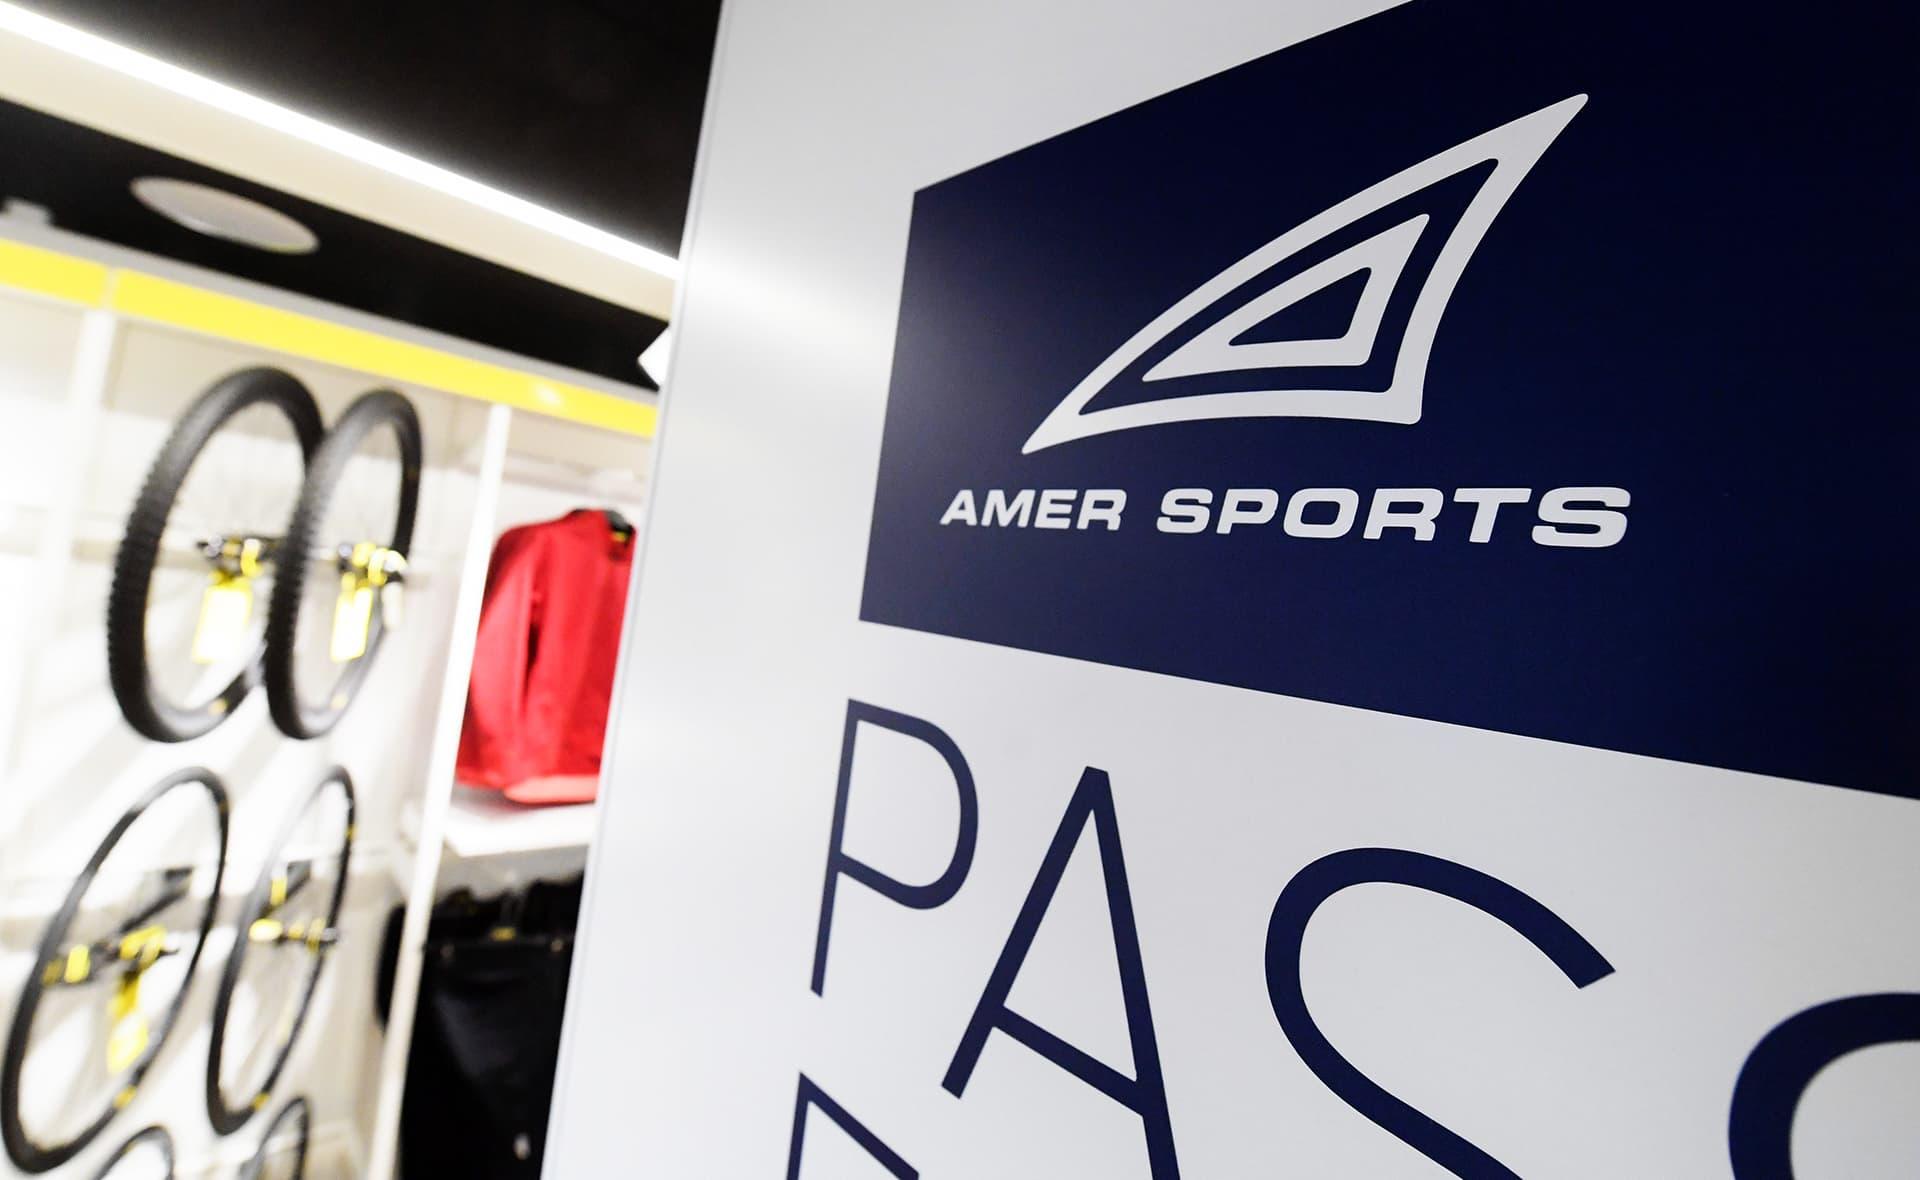 Suomalainen urheiluvälinekonserni Amer Sports Oyj:n  Amer Sports Brand store - myymälä